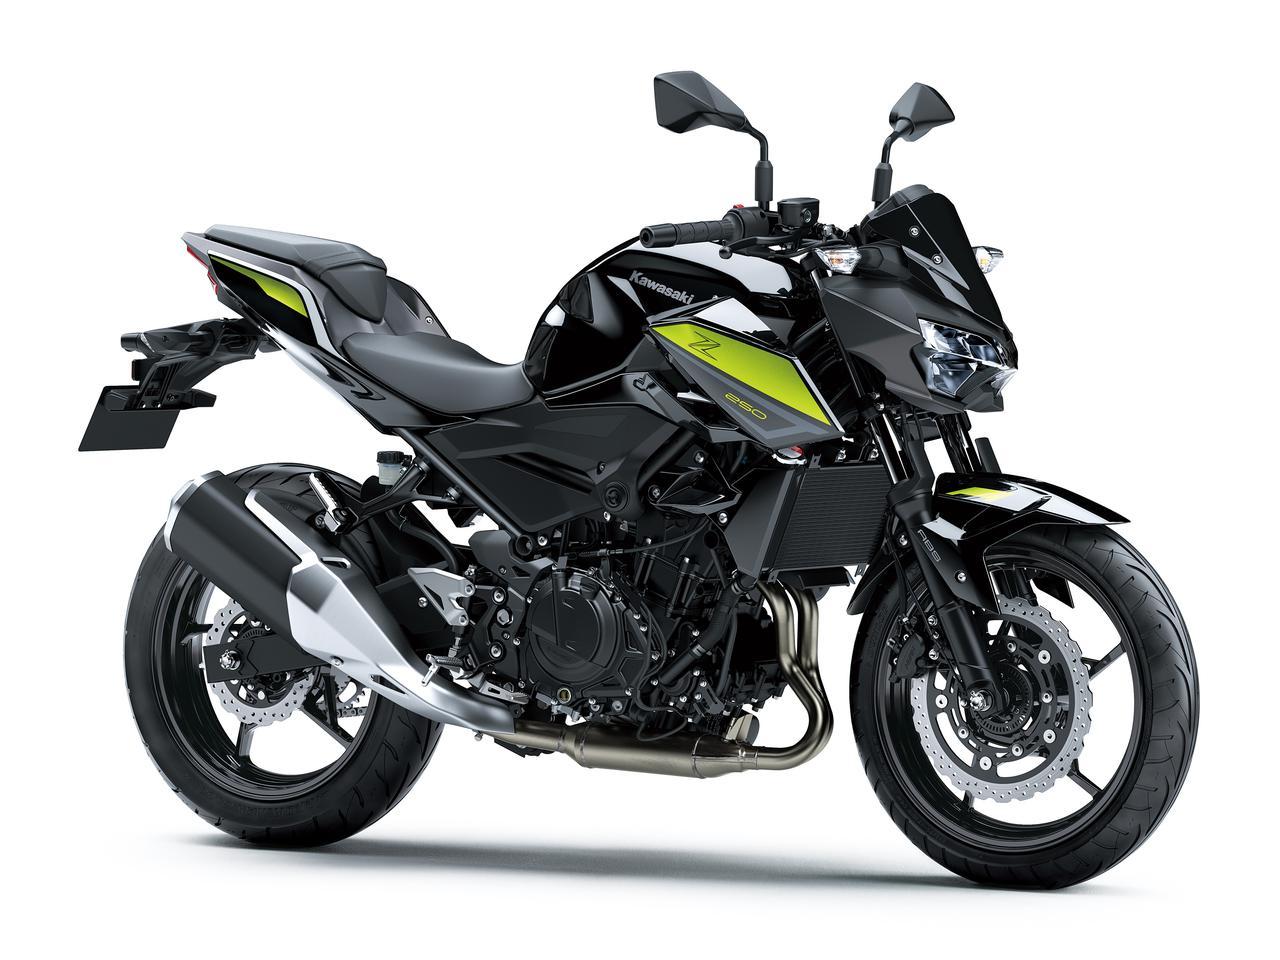 画像: Kawasaki Z250 総排気量:248cc エンジン形式:水冷4ストDOHC4バルブ並列2気筒 シート高:795mm 重量:164kg 発売日:2021年9月10日 税込価格:61万500円